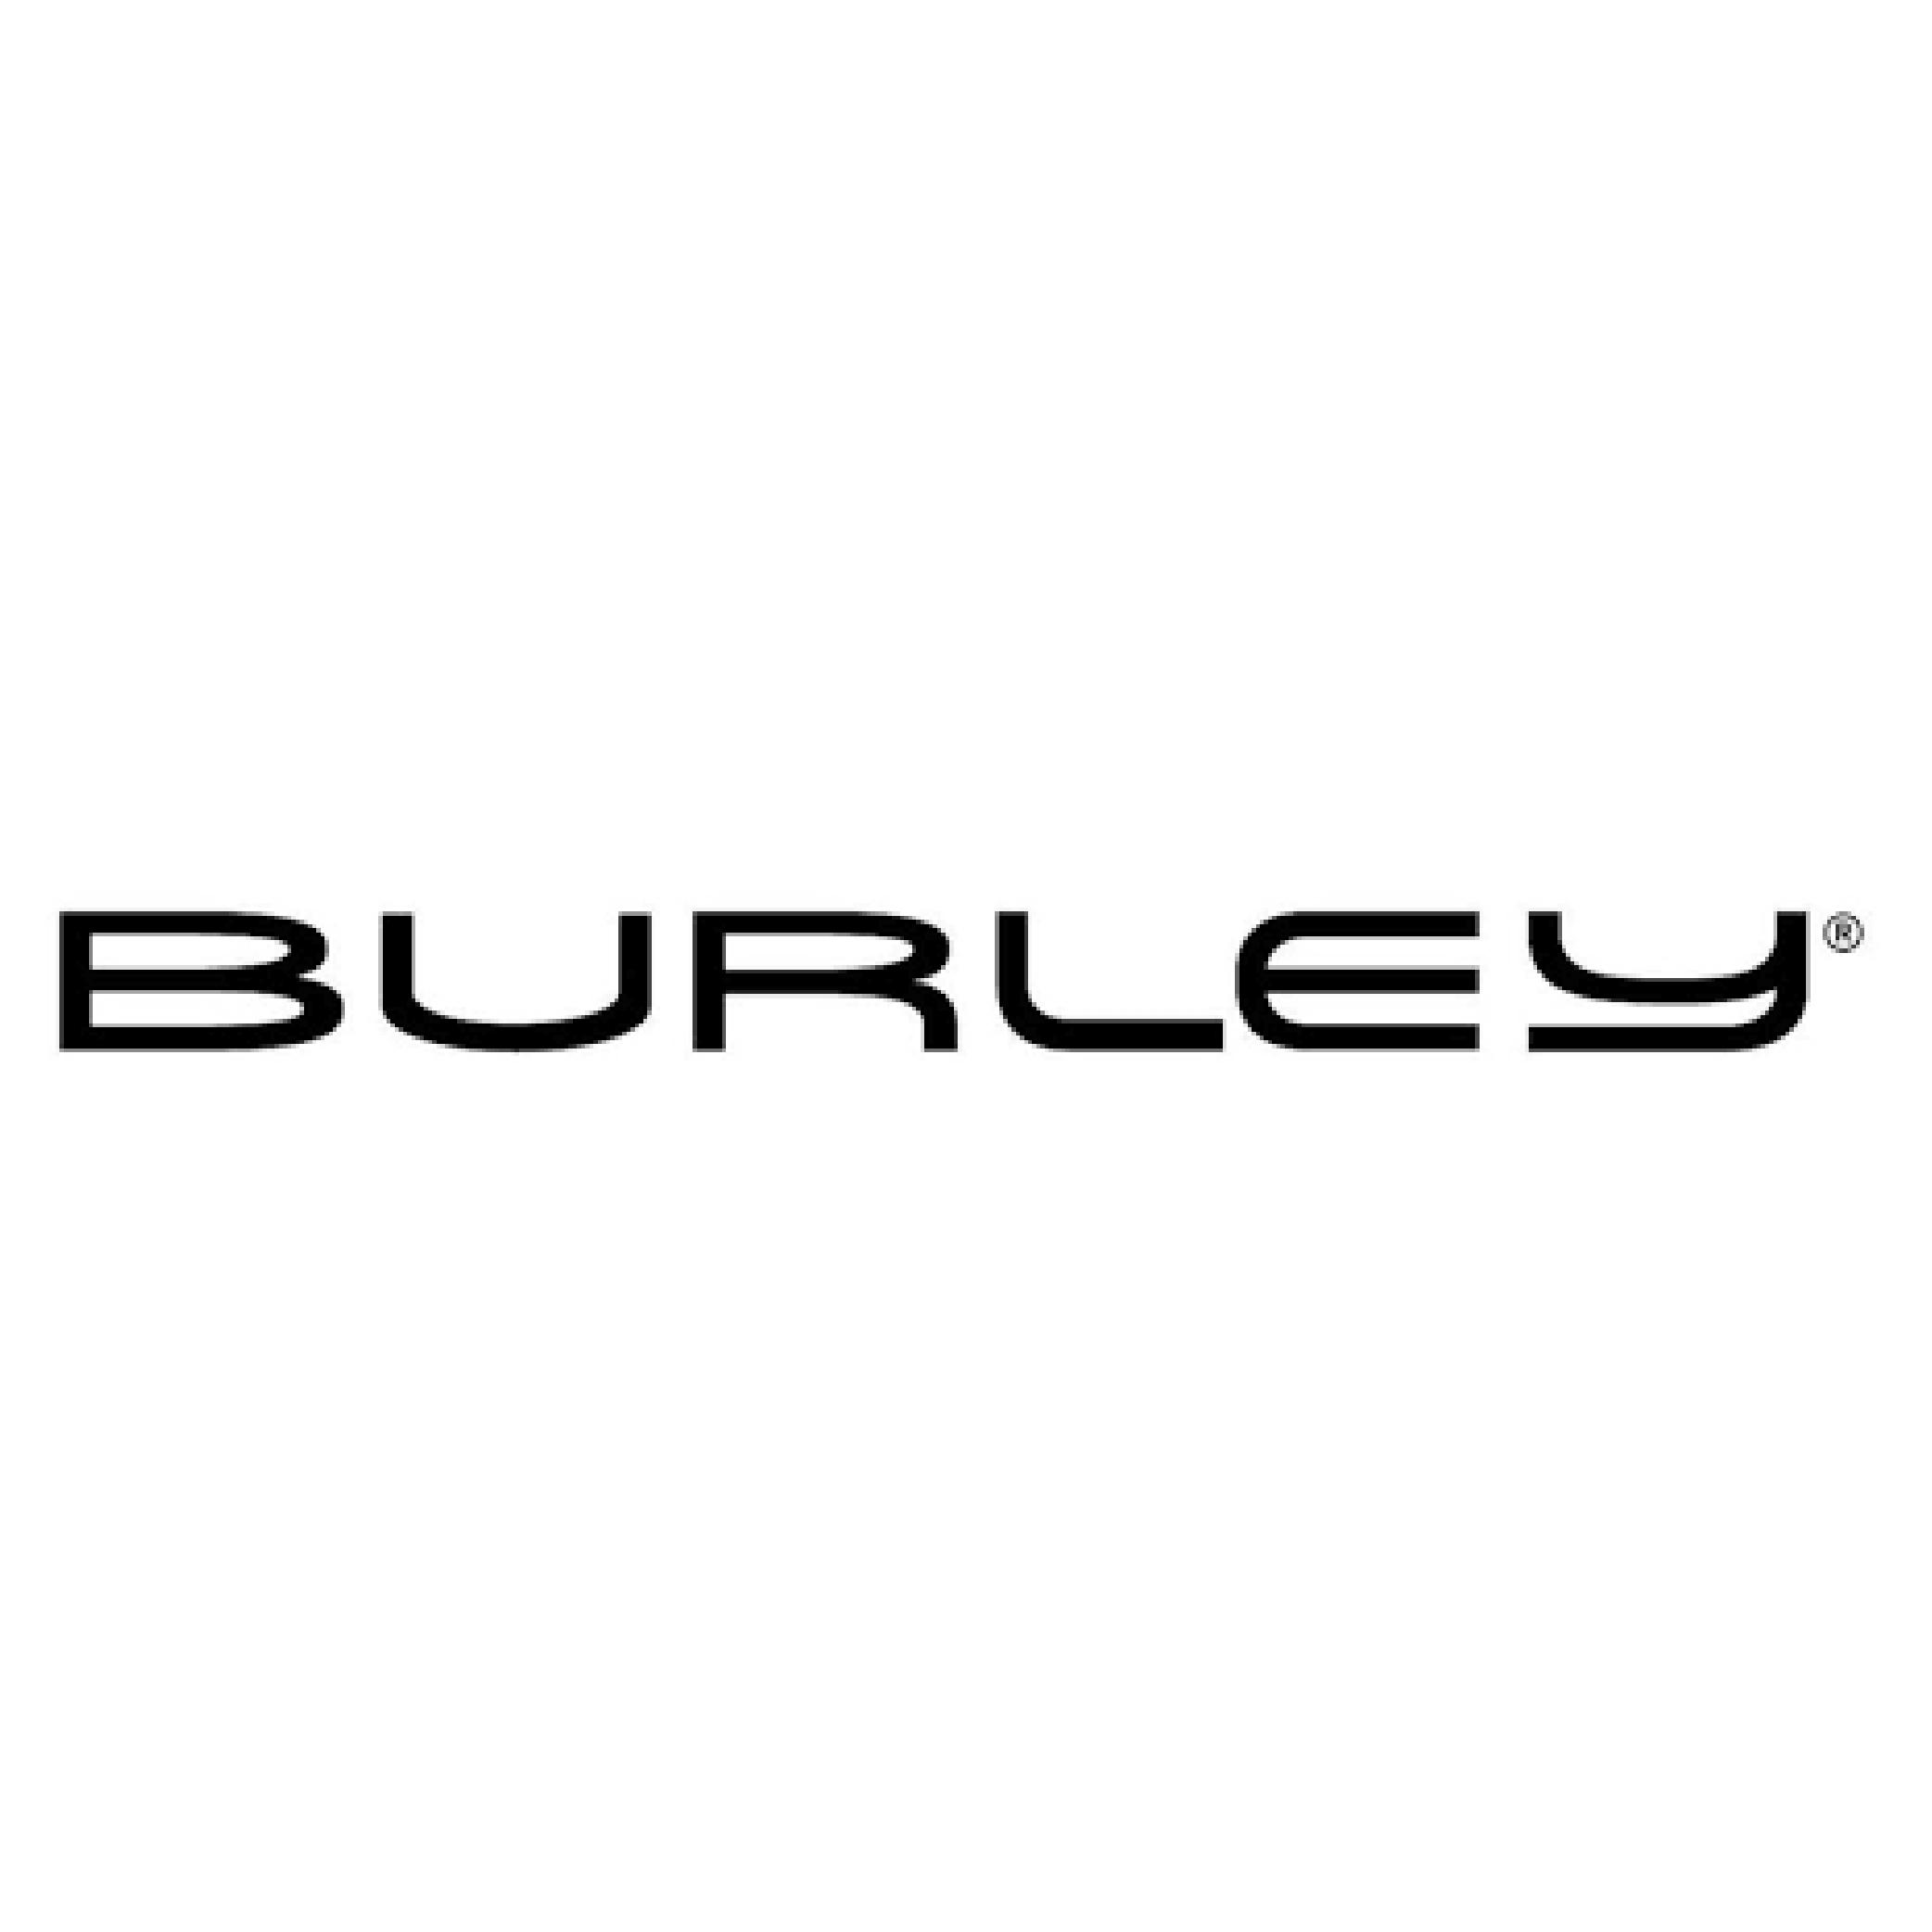 burley-fietskar-online-kopen